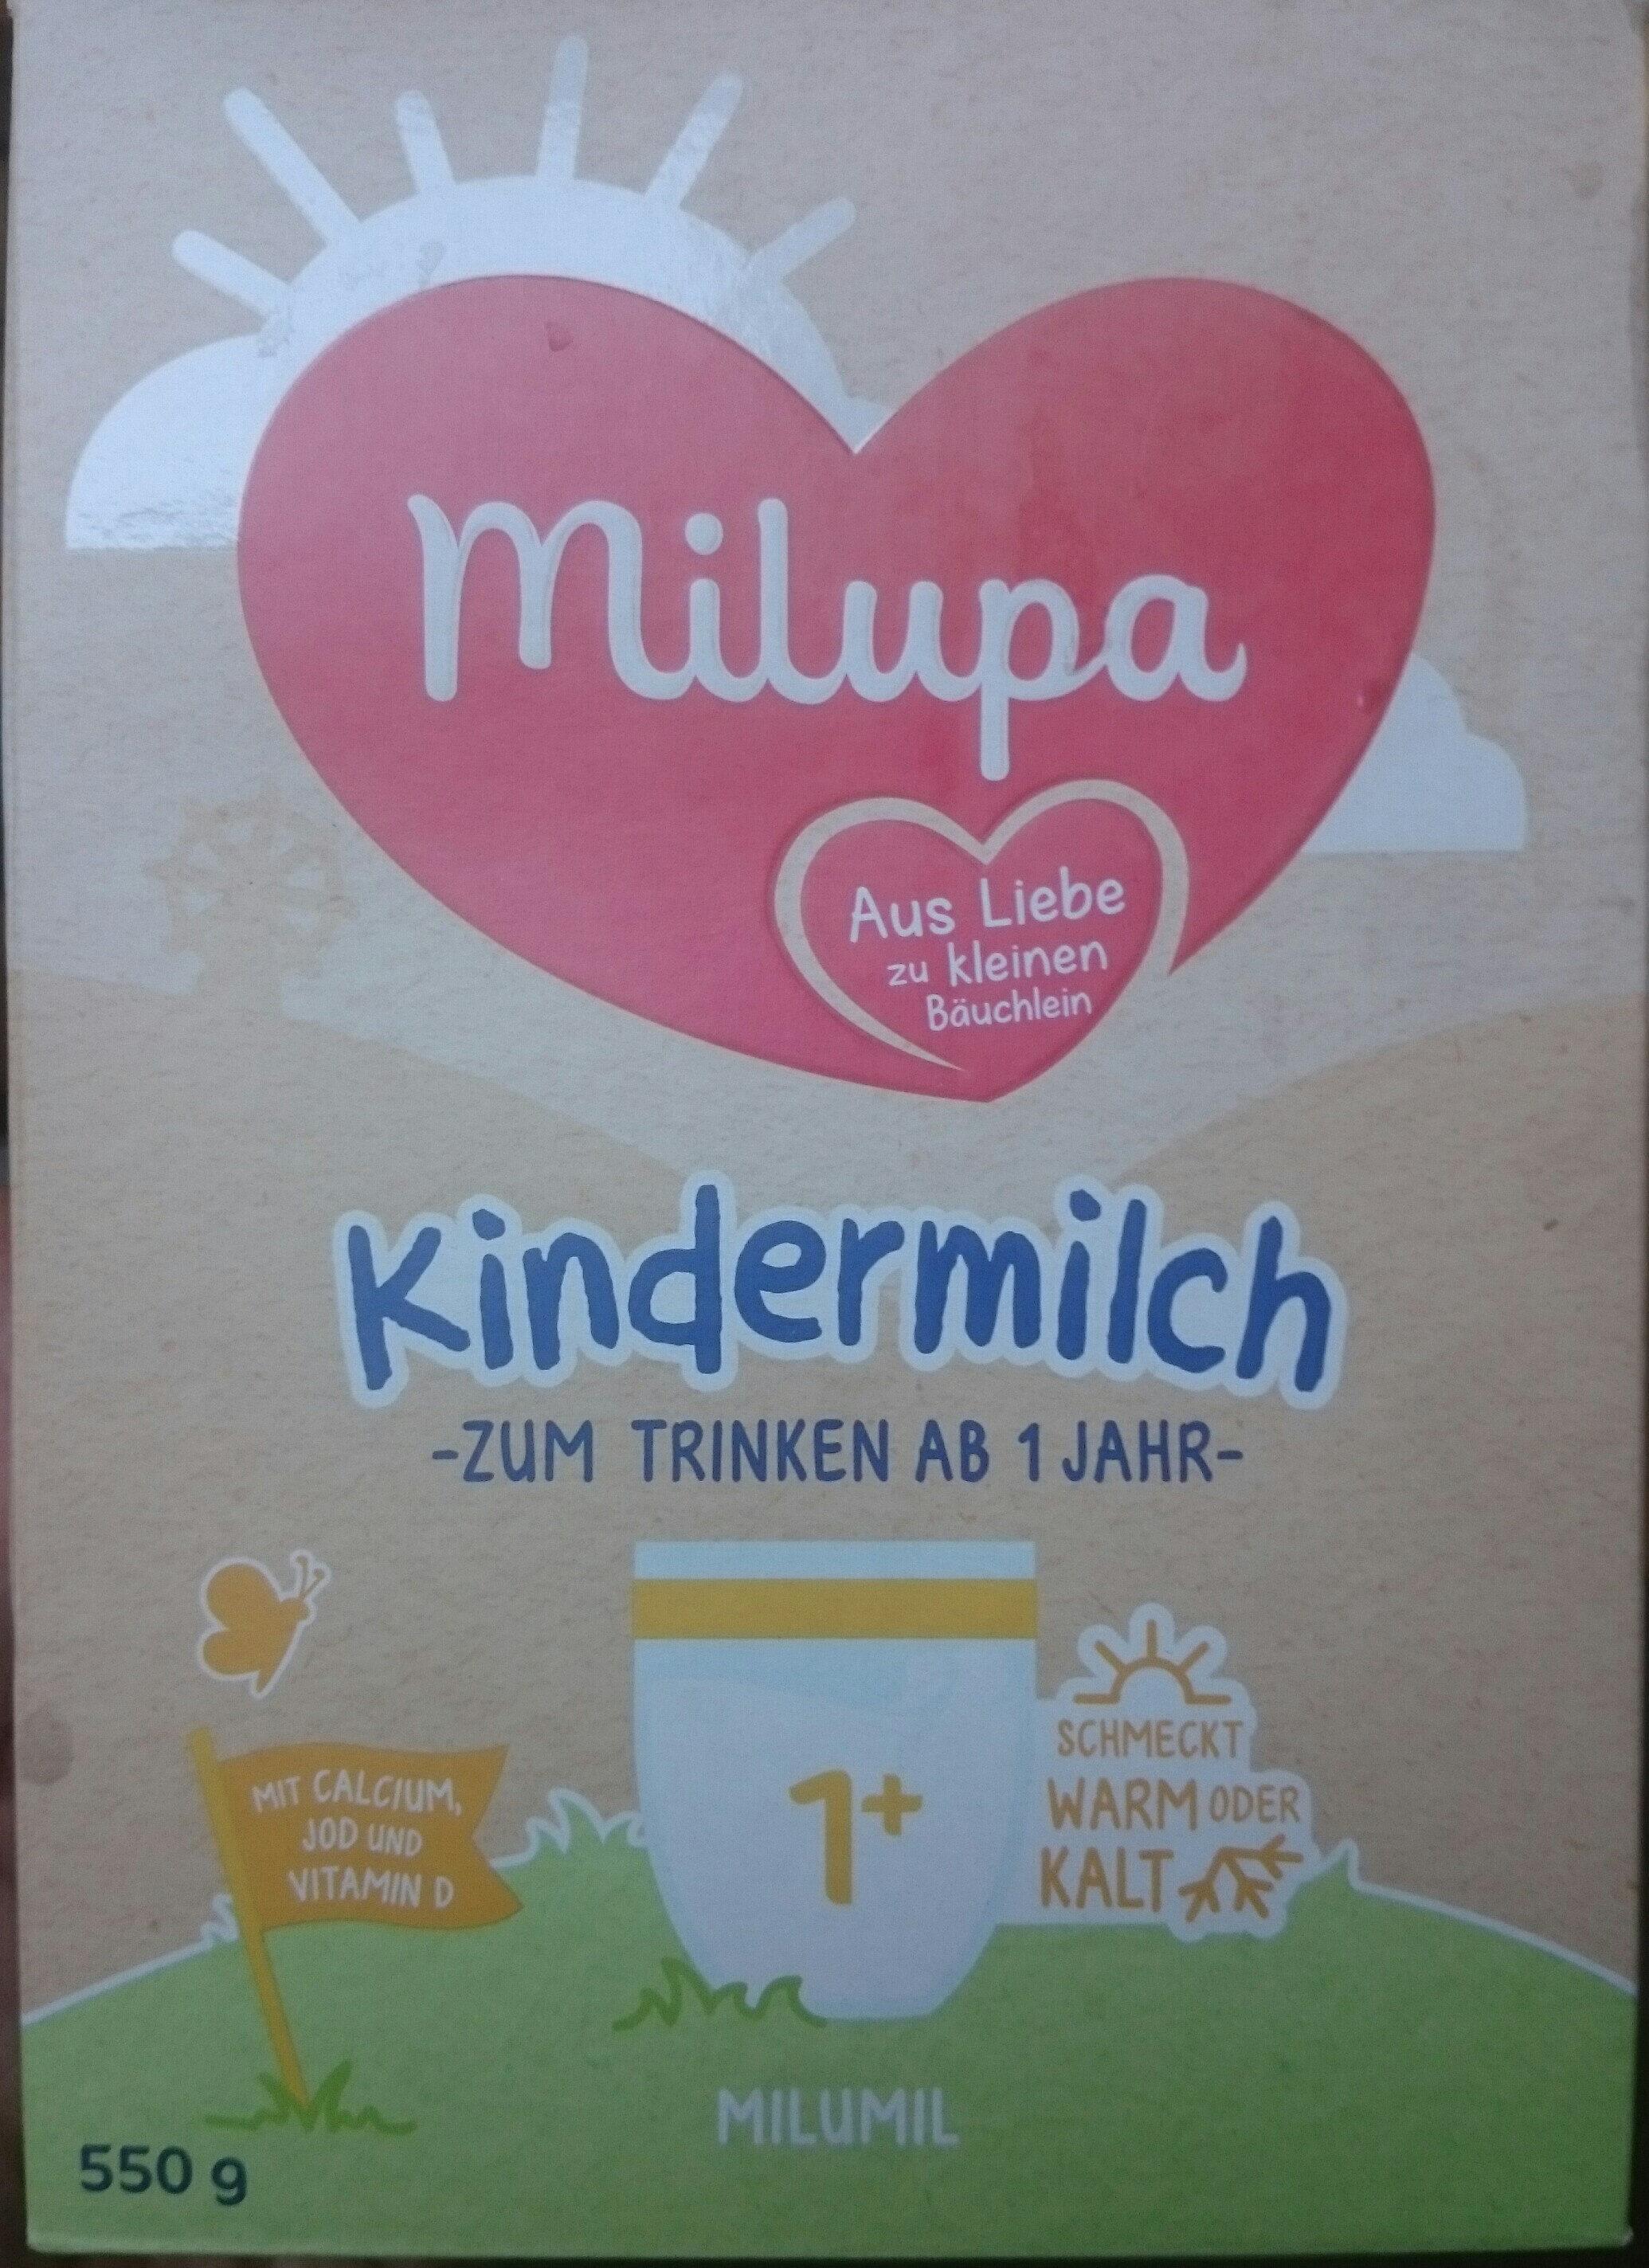 Kindermilch zum Trinken ab 1 Jahr - Produkt - de